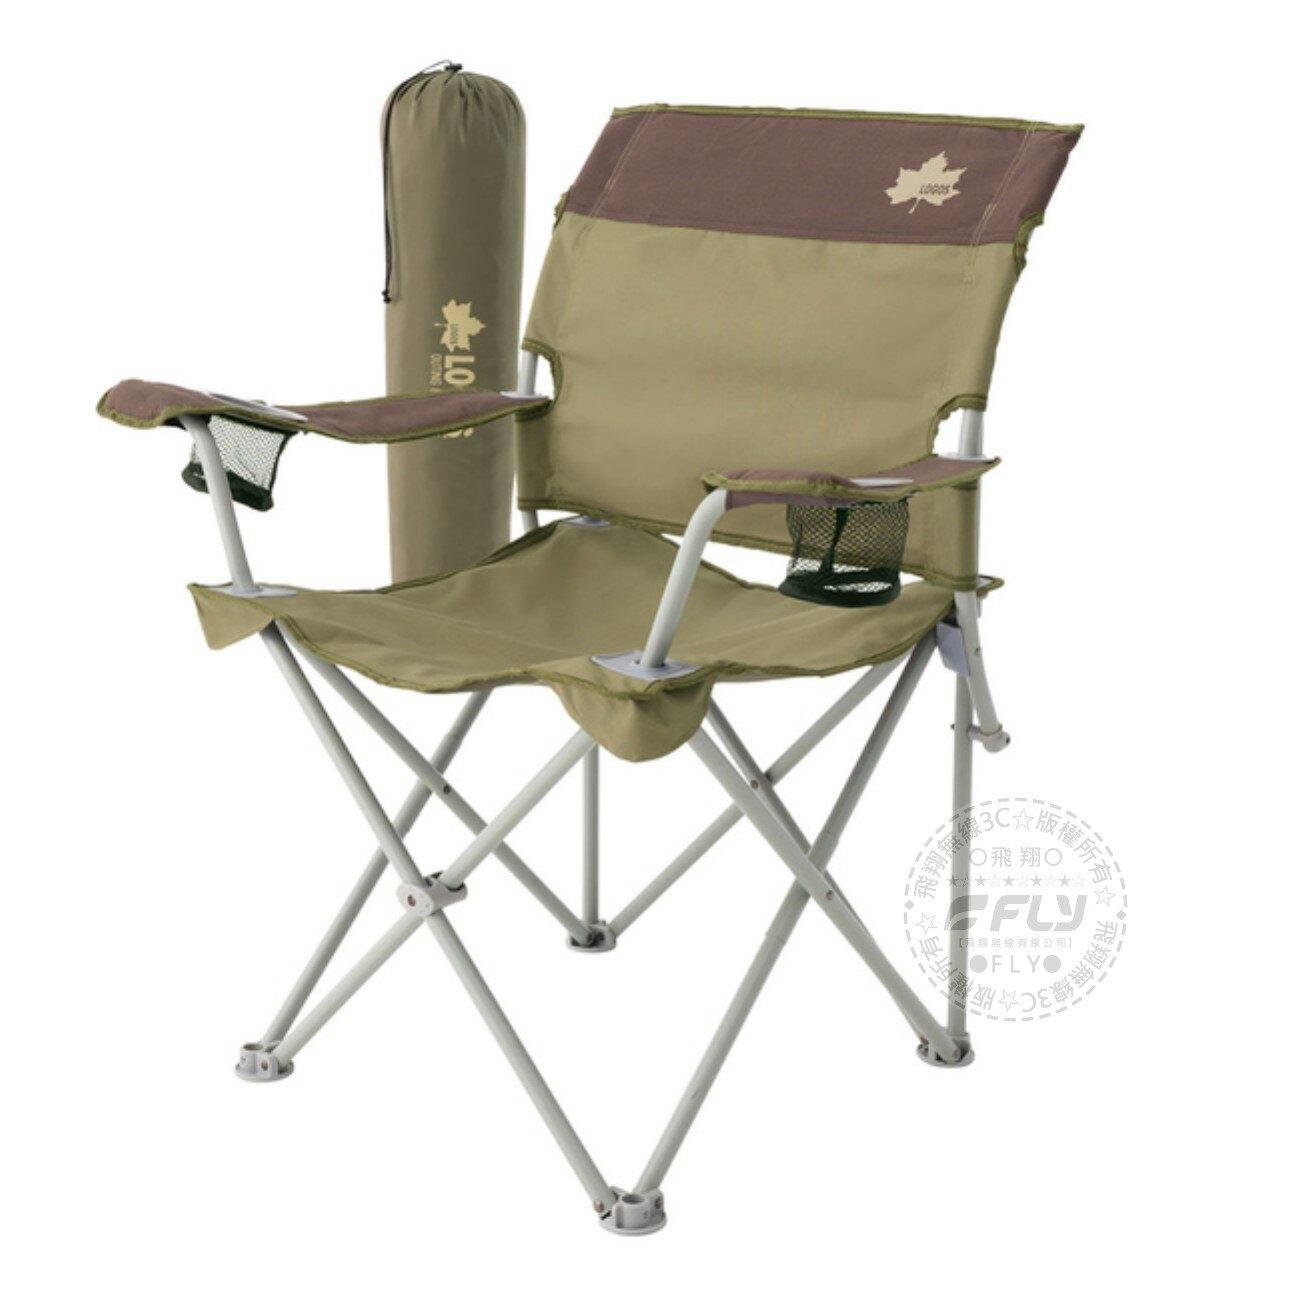 《飛翔無線3C》LOGOS 73173071 Life 美背休閒椅 棕色◉公司貨◉戶外露營◉郊外野餐◉室外聚餐